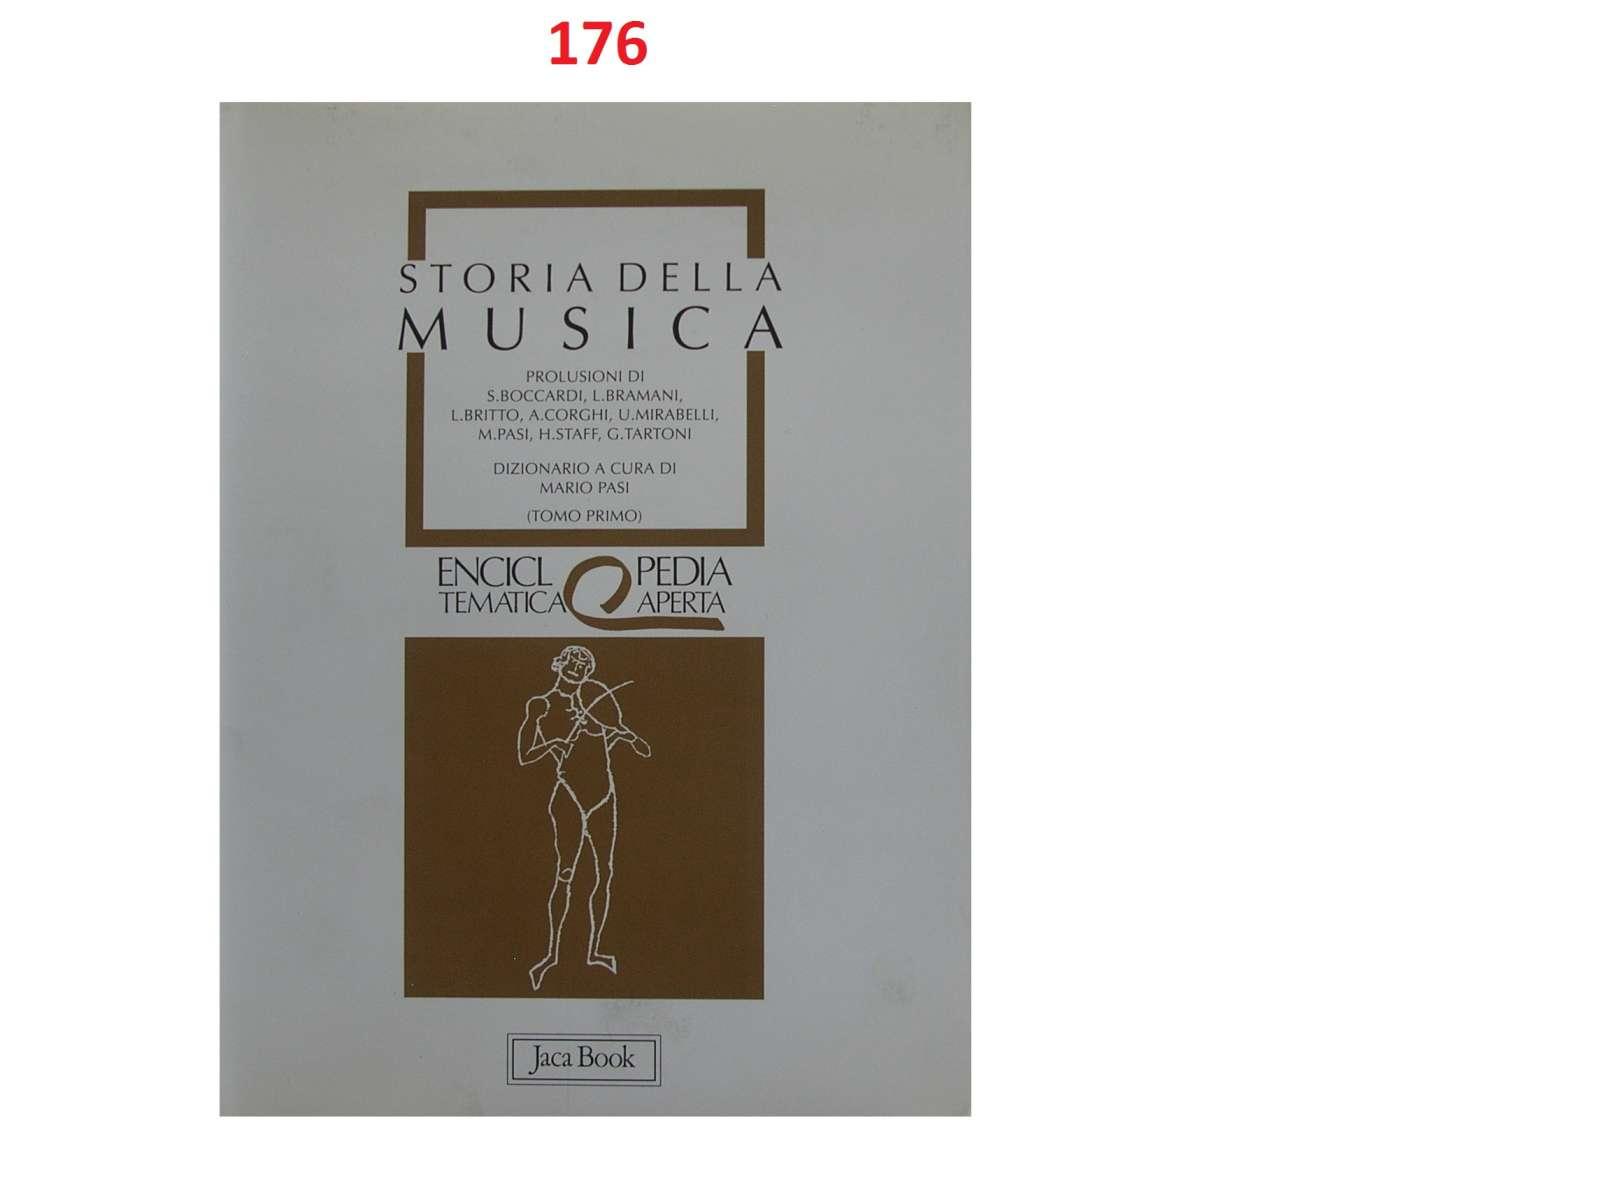 0176-dscn1740